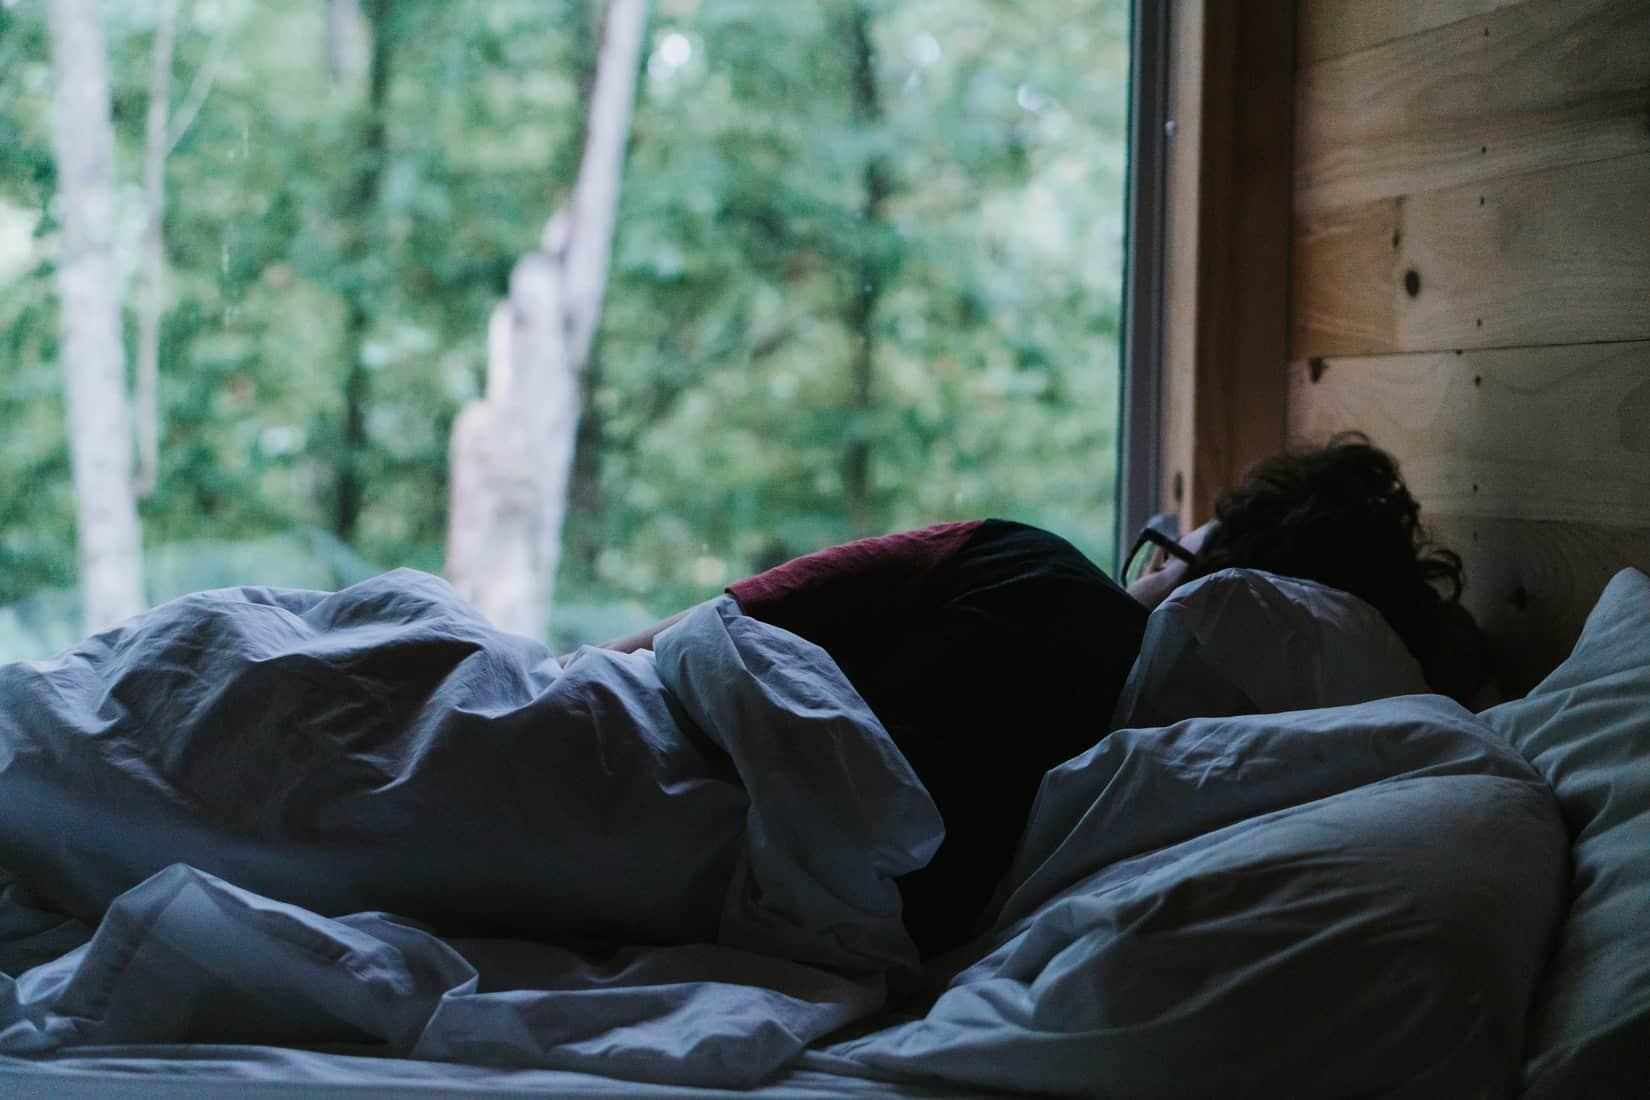 Batalkah Ketika Mimpi Basah di Pagi Hari saat Puasa Ramadhan https://unsplash.com/photos/PdPfWNW_GTM Photo by Tatiana Rodriguez